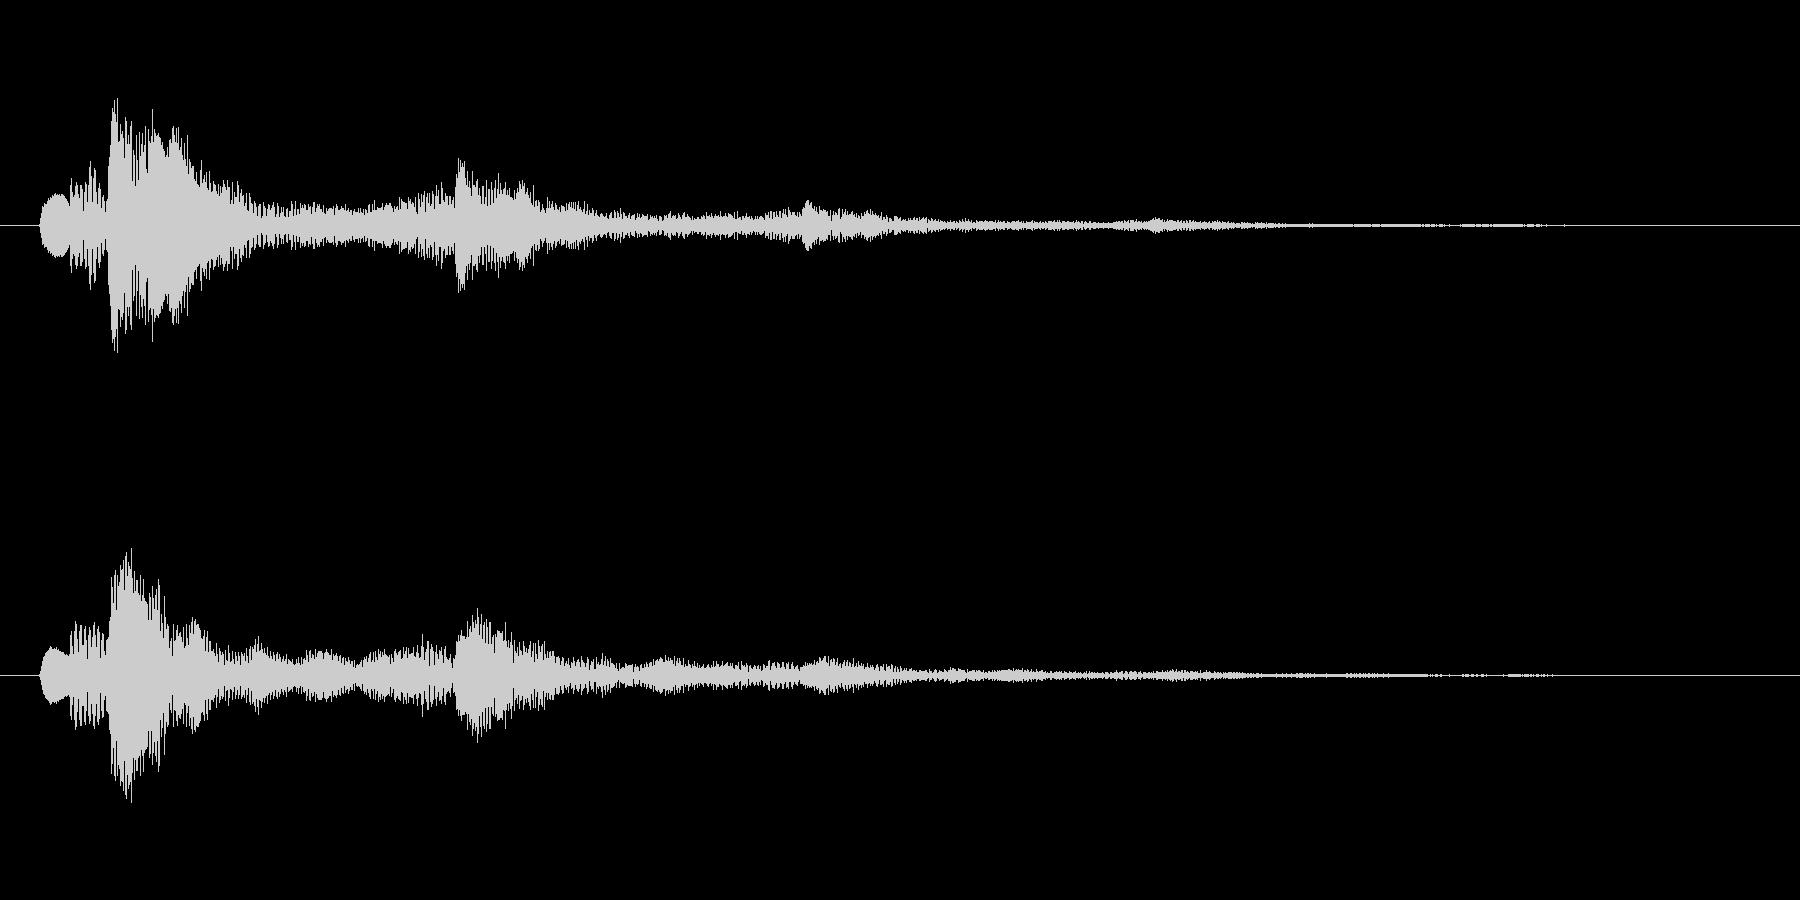 【ショートブリッジ01-2】の未再生の波形